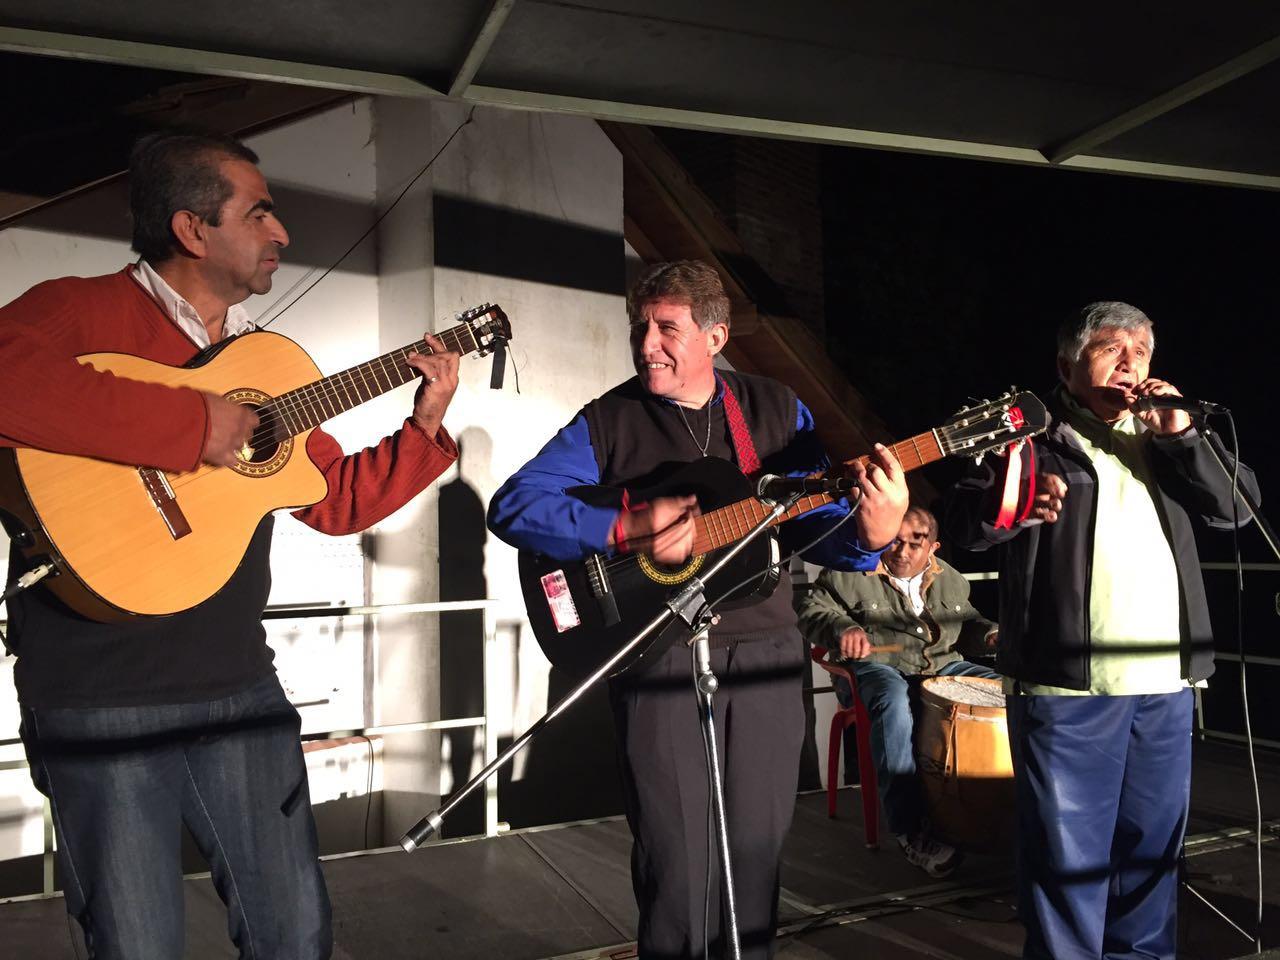 Folclore en los barrios tuvo su noche en el san mart n b - Muebles martin los barrios ...